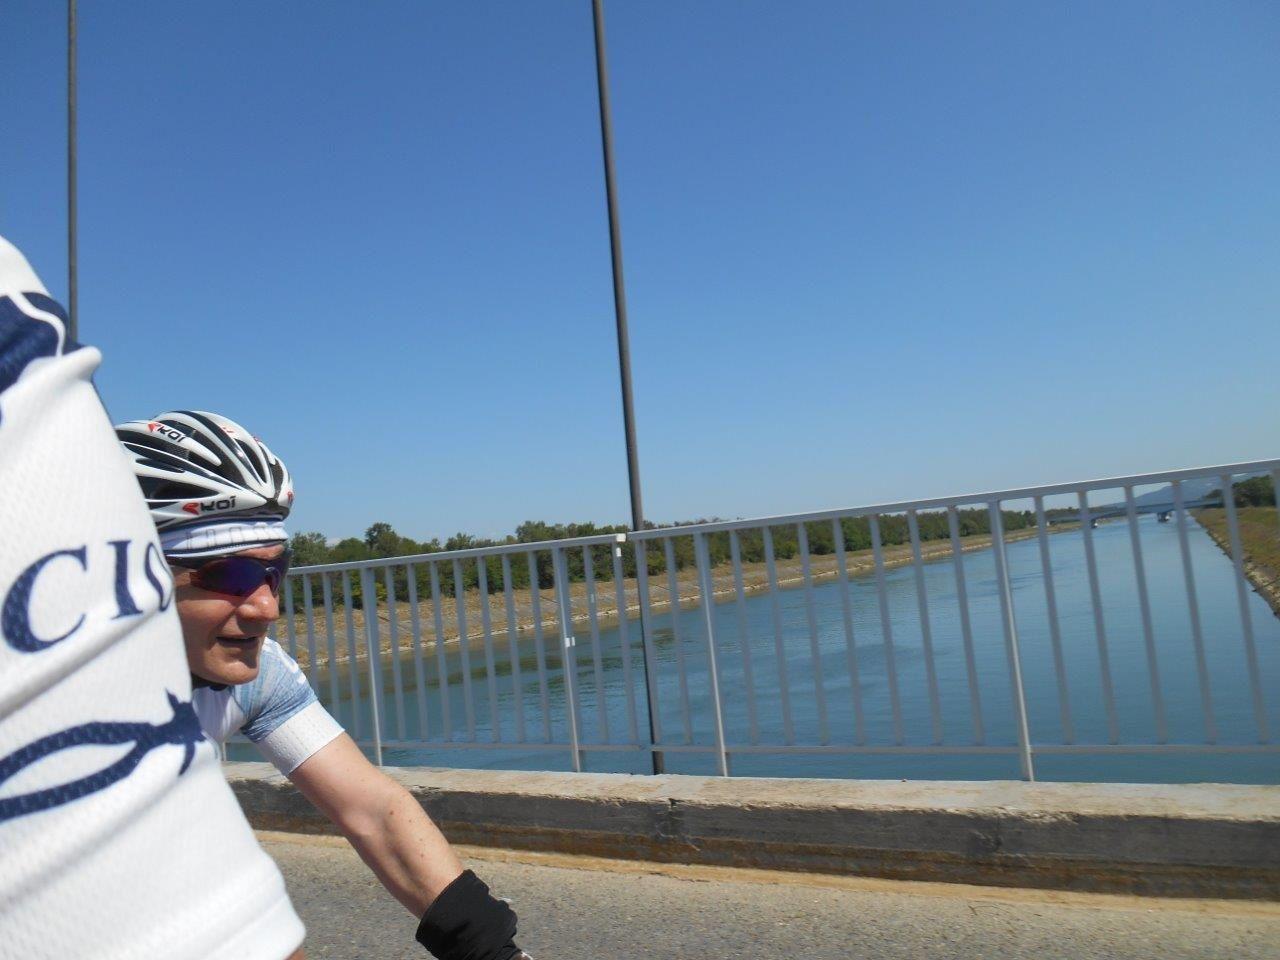 Passage des ponts : celui sur le Rhône et celui sur le canal à Mondragon.